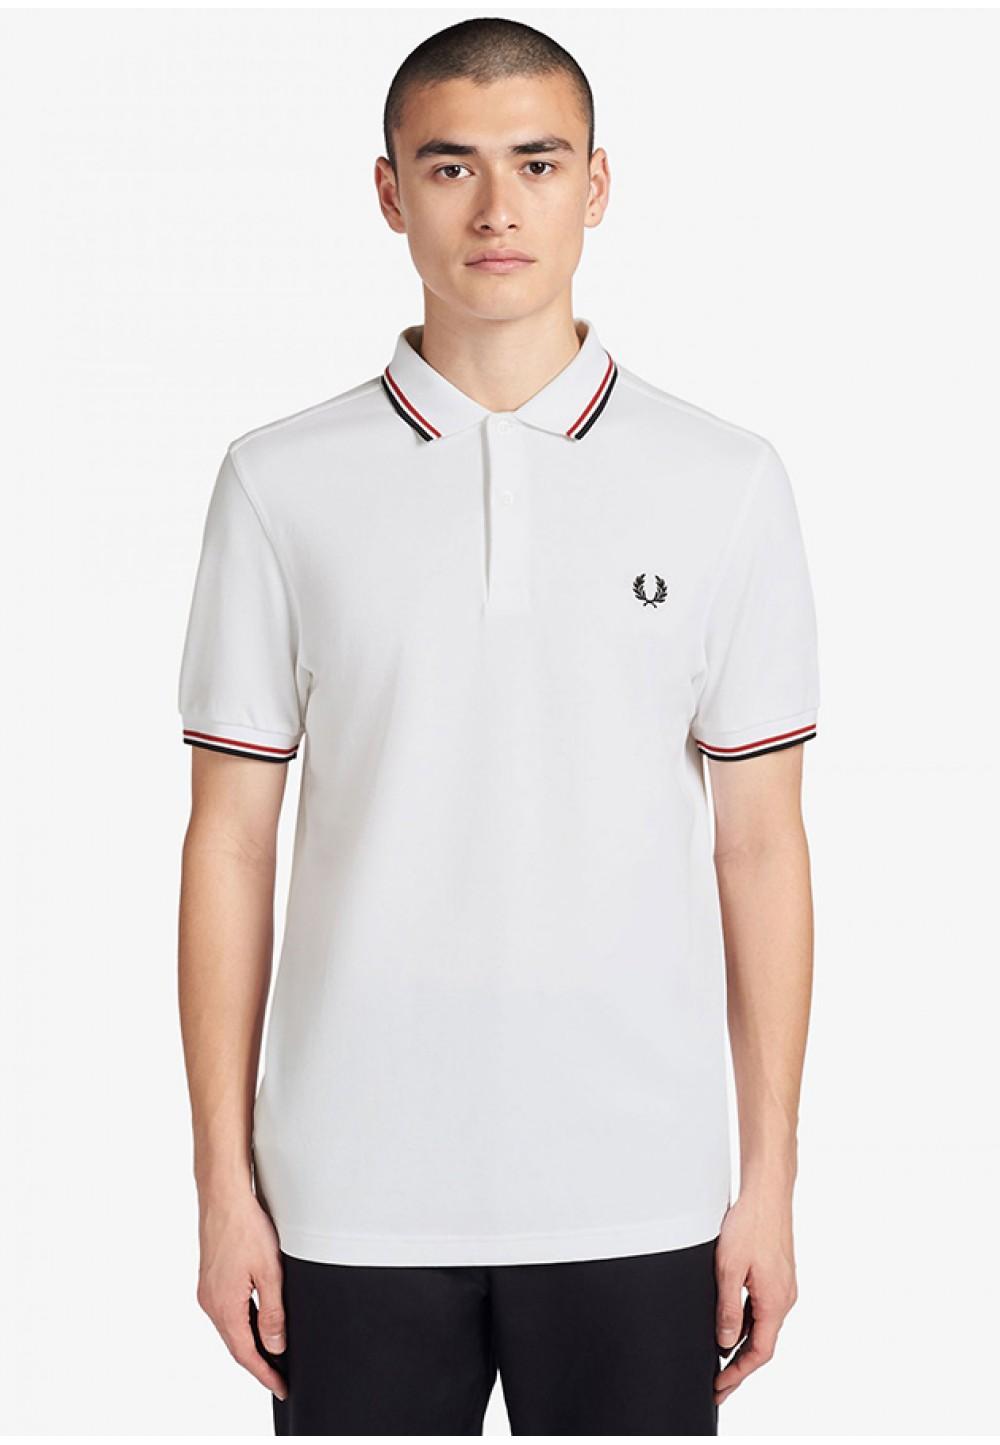 Мужская футболка-поло белого цвета